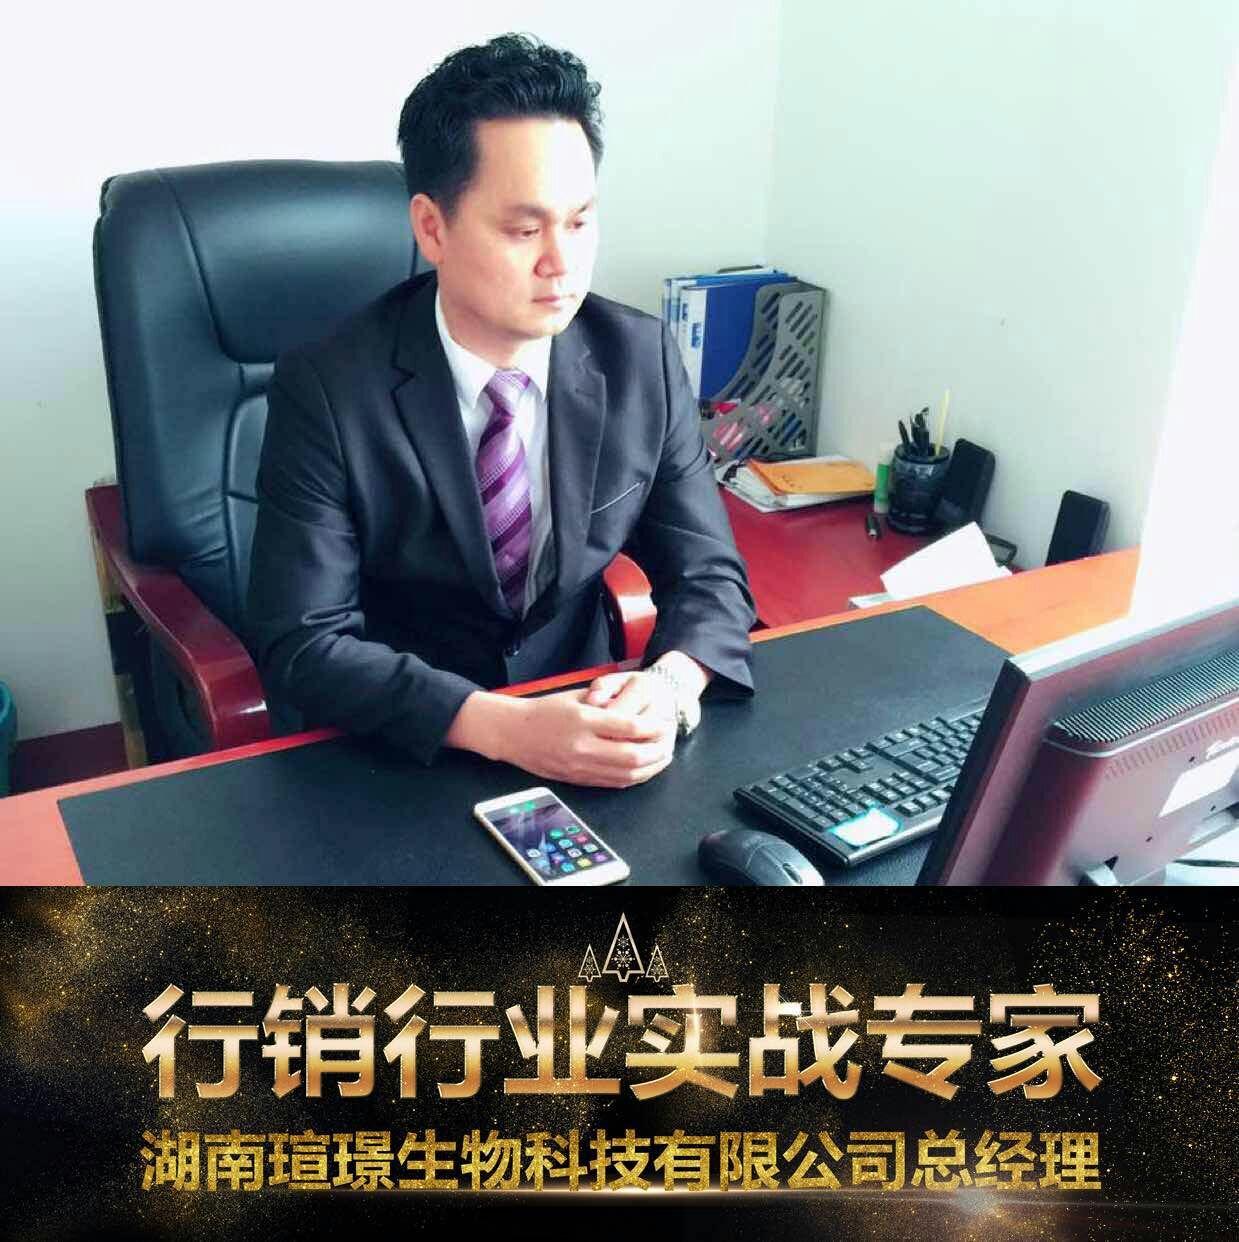 感动中雄人物――中雄集团、�u�Z公司总经理李春林